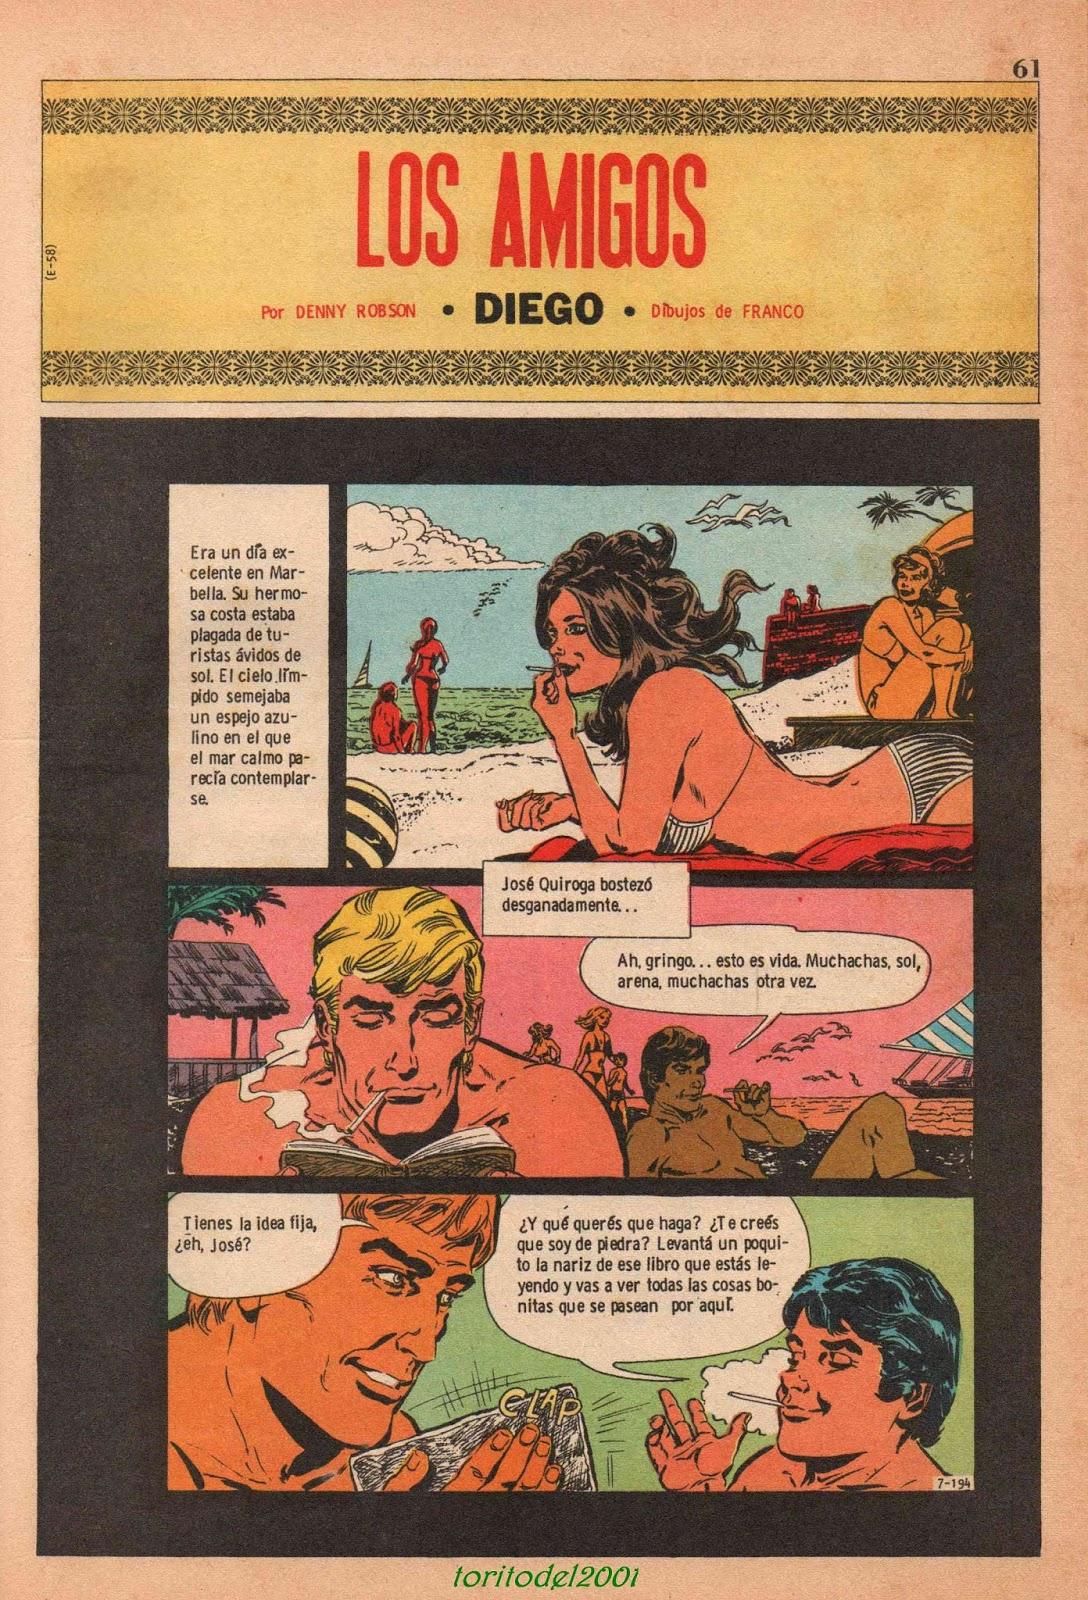 Columberos: Los Amigos - Episodio 58 - Diego